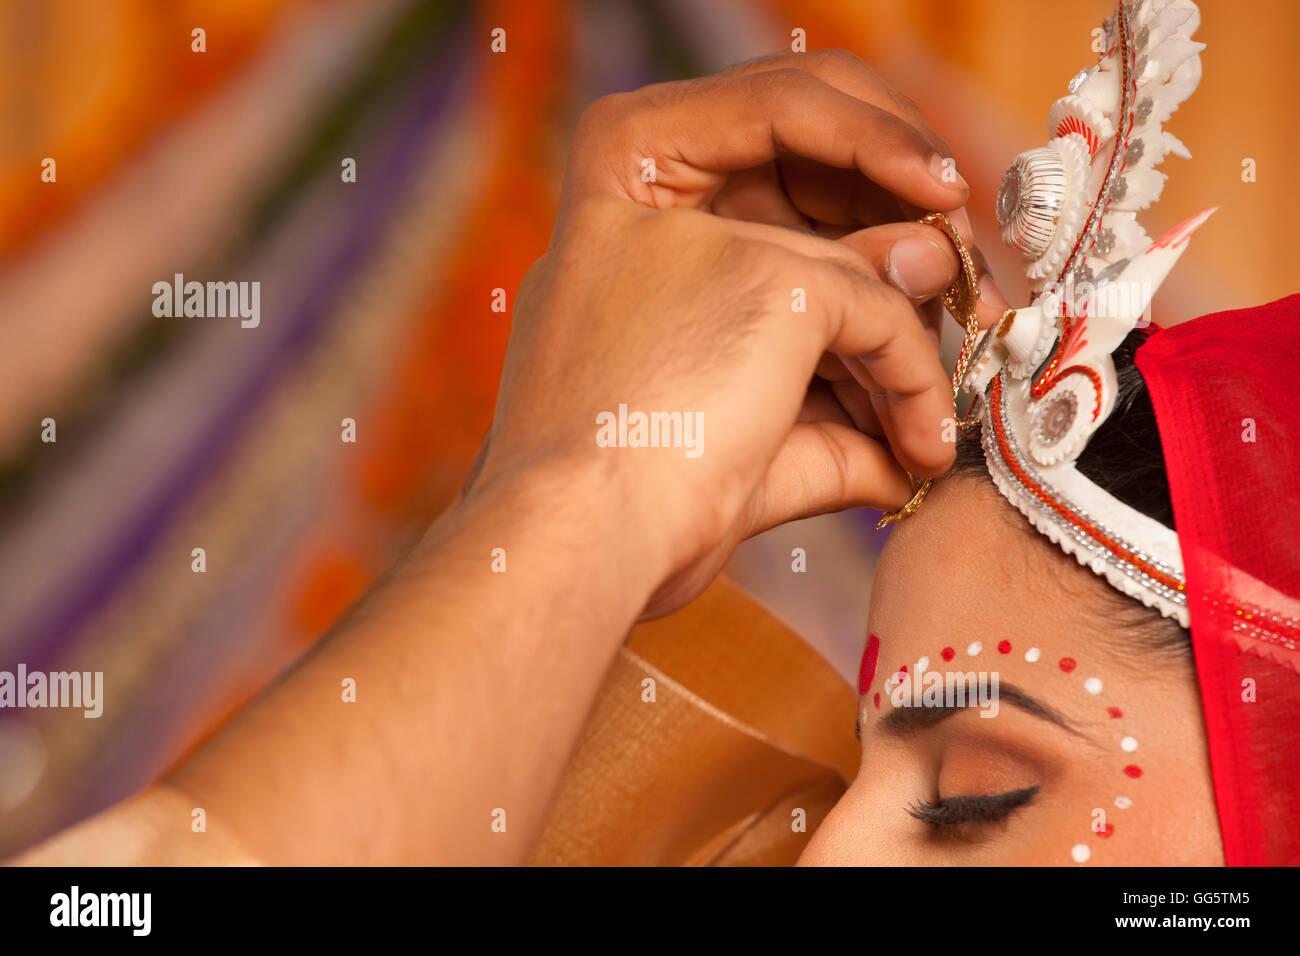 Bengali Brides Stock Photos & Bengali Brides Stock Images - Alamy